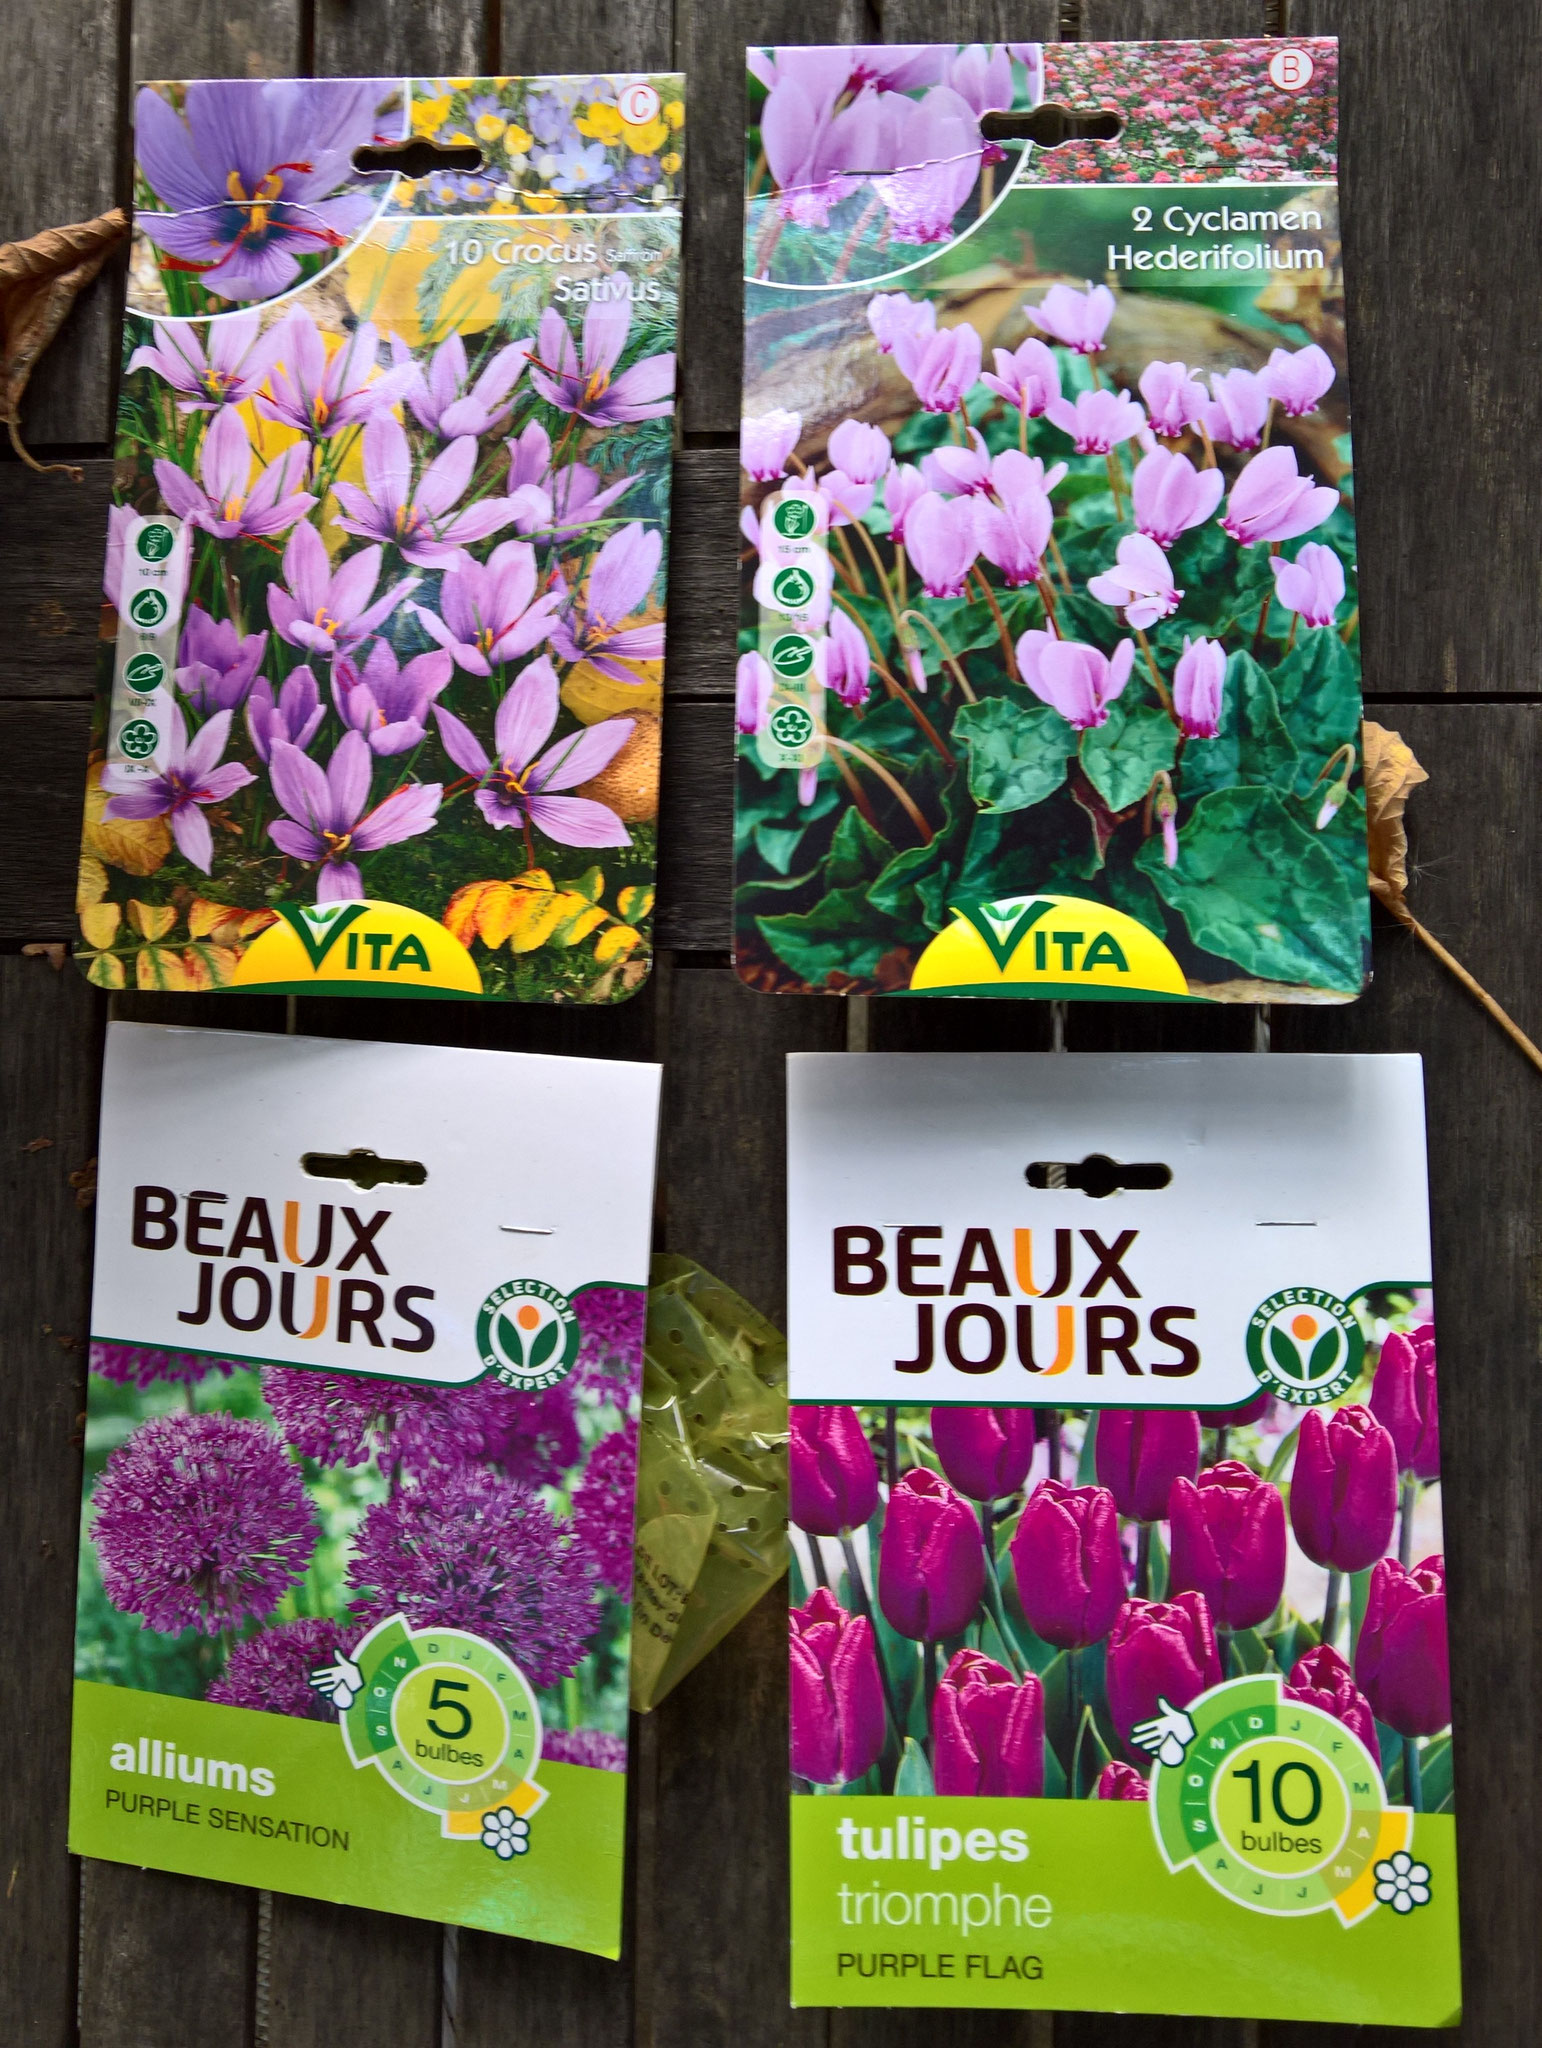 Blumenzwiebeln kommen für das nächste Frühjahr in den Boden